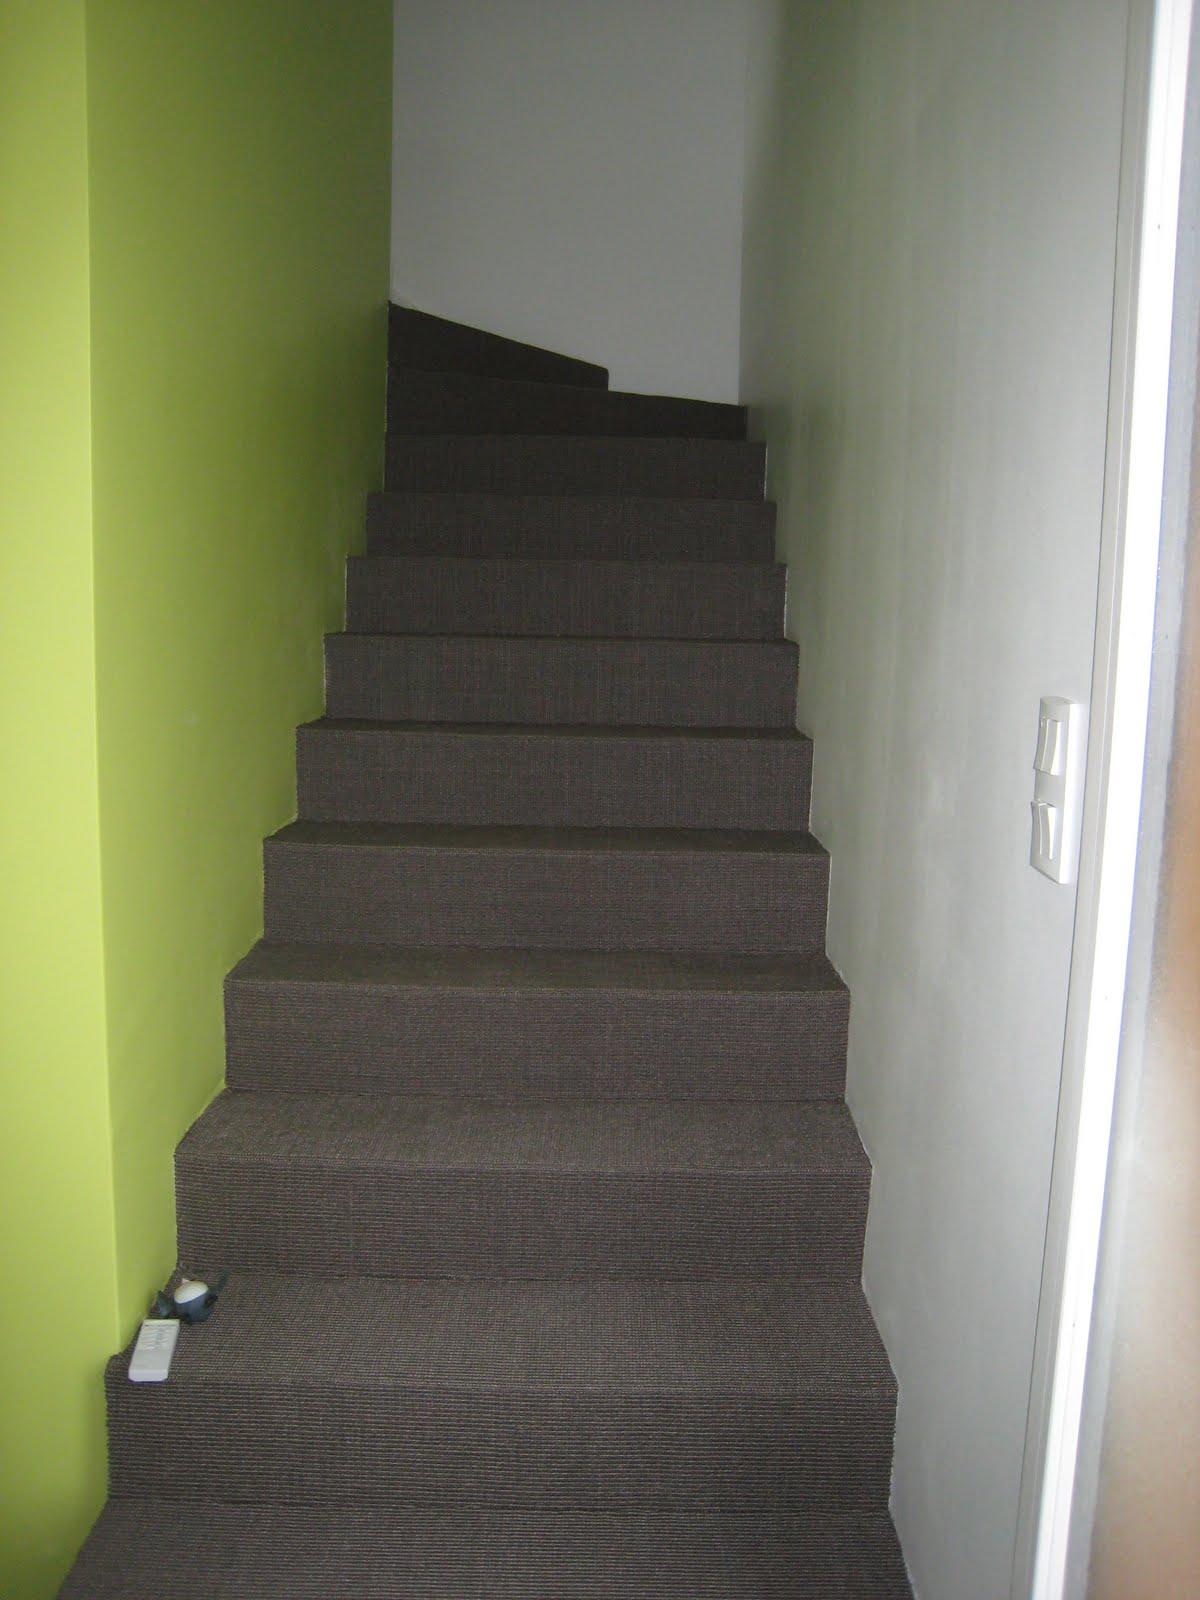 comment poser sisal dans escalier